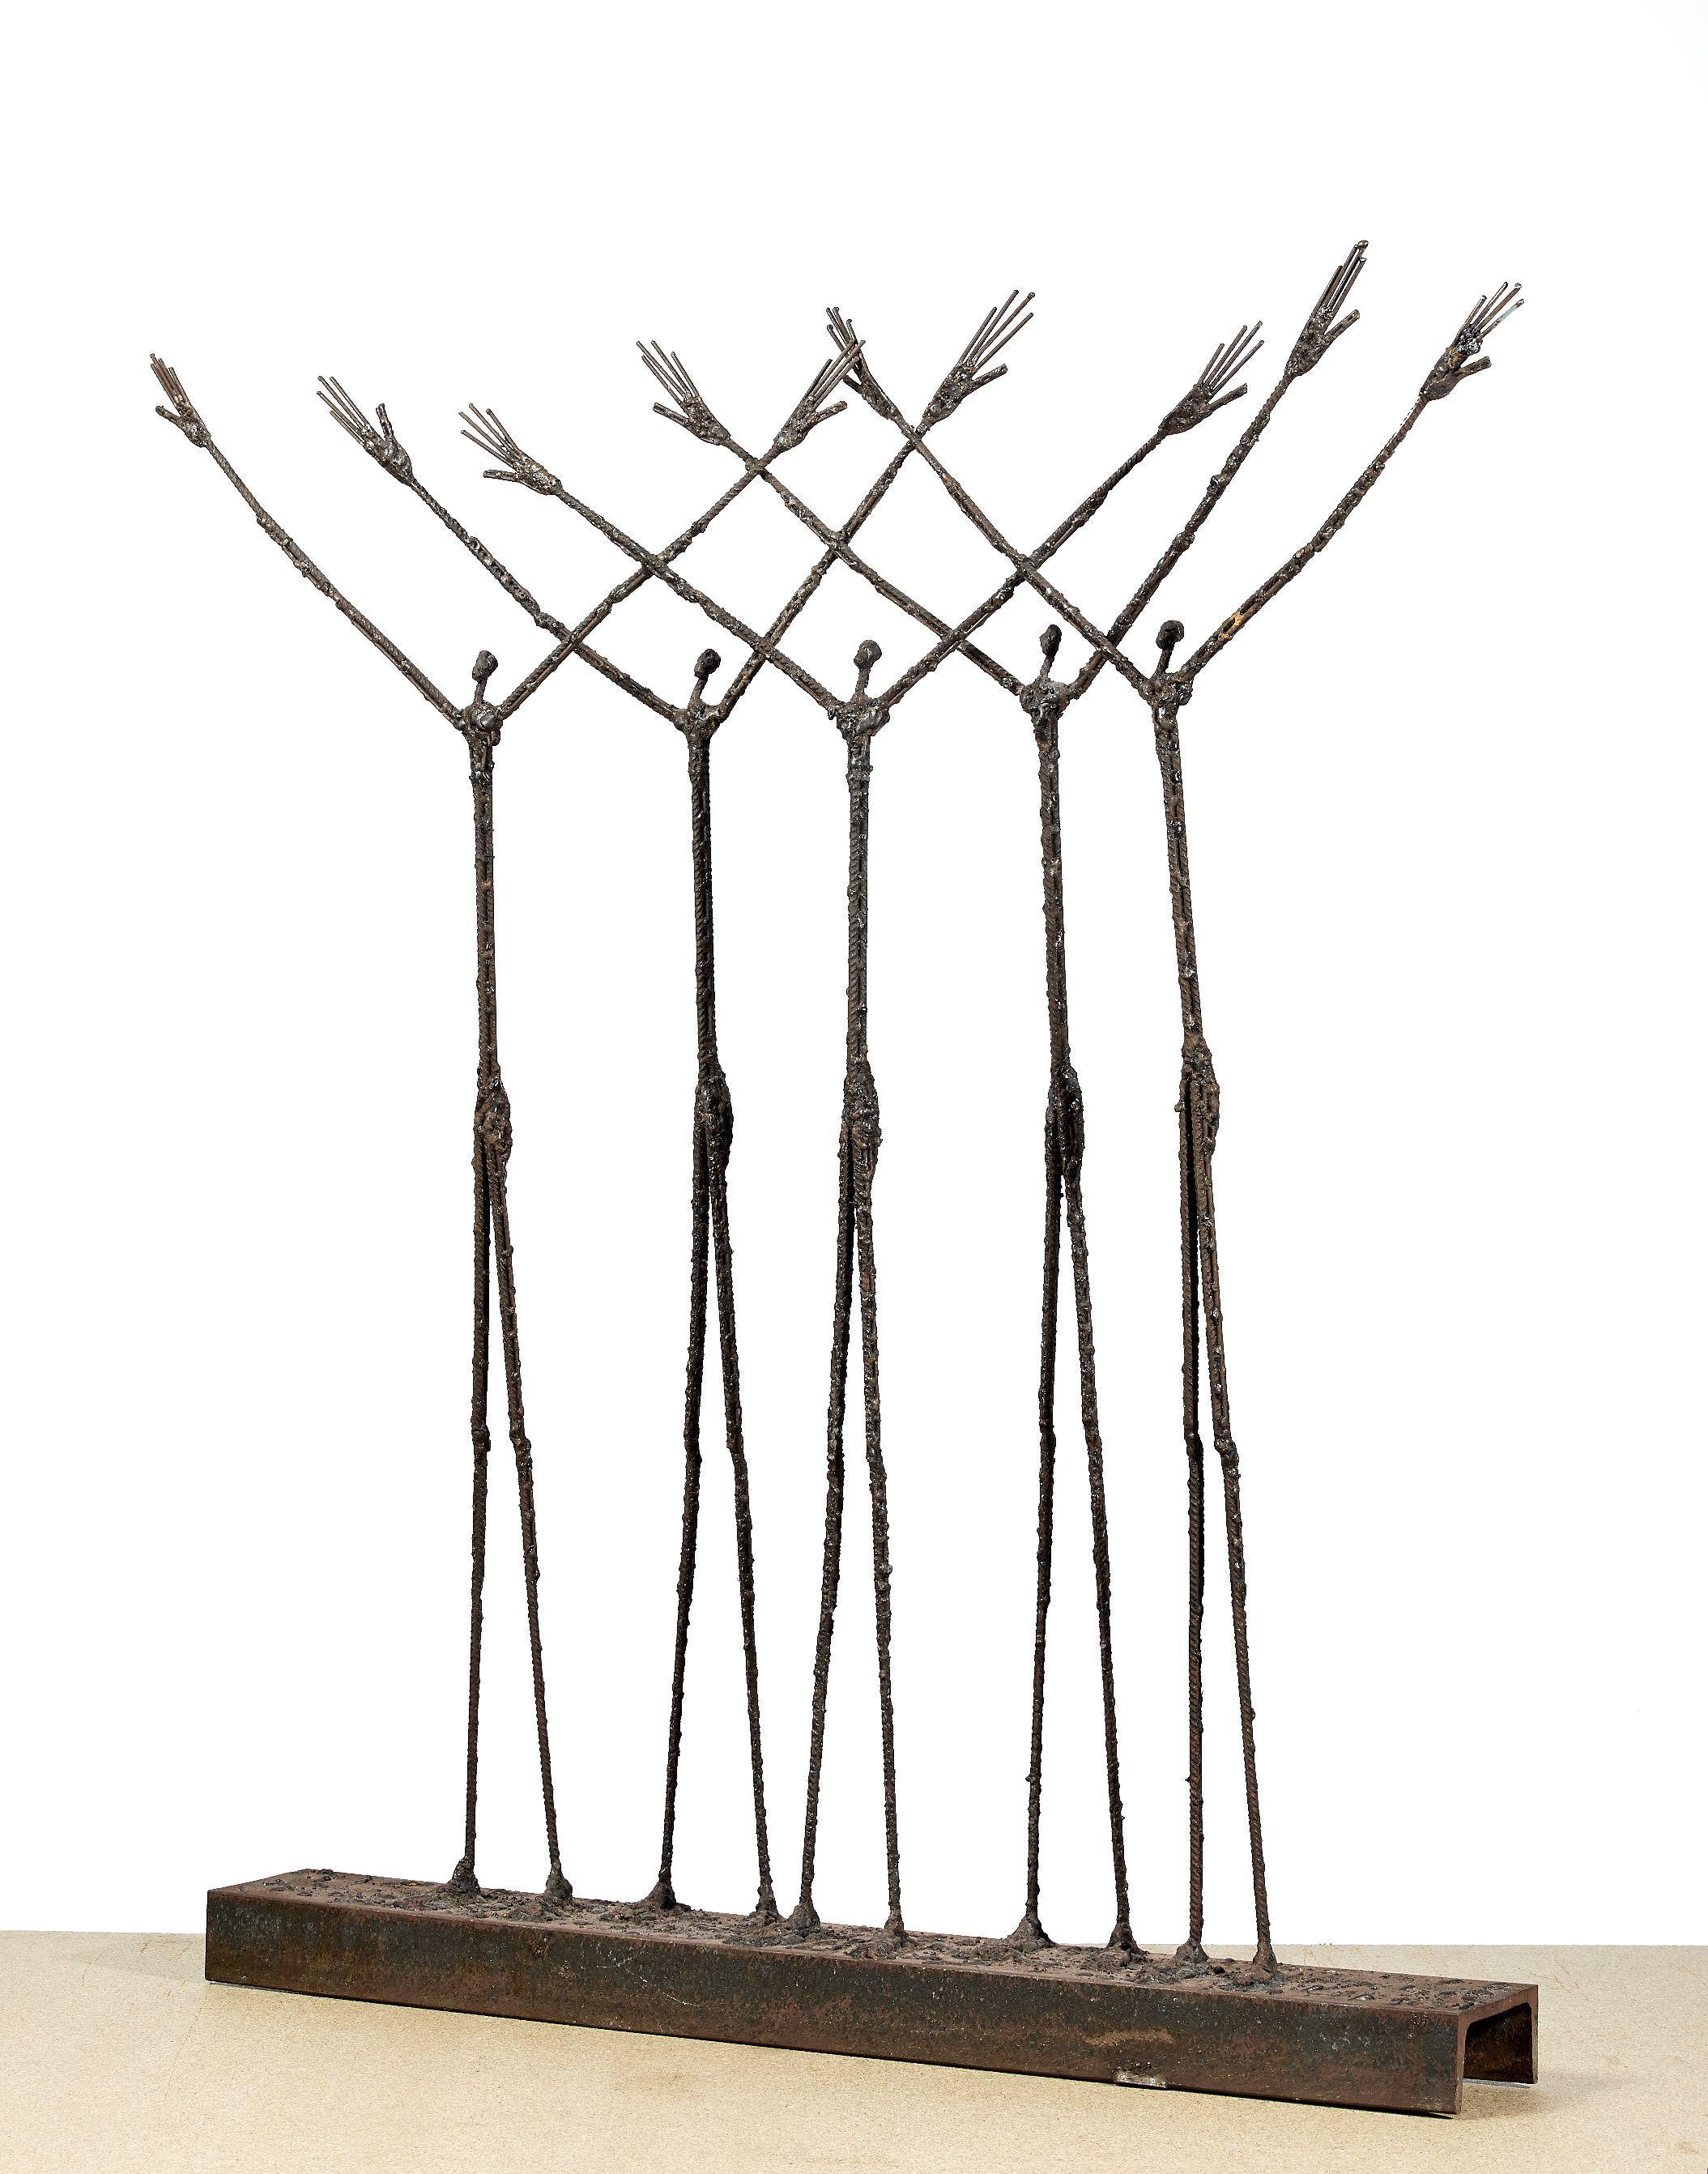 Ndary LÔ 1961-2017 - Sénégal L'Espoir, 2010 Fers à béton soudés et socle en métal